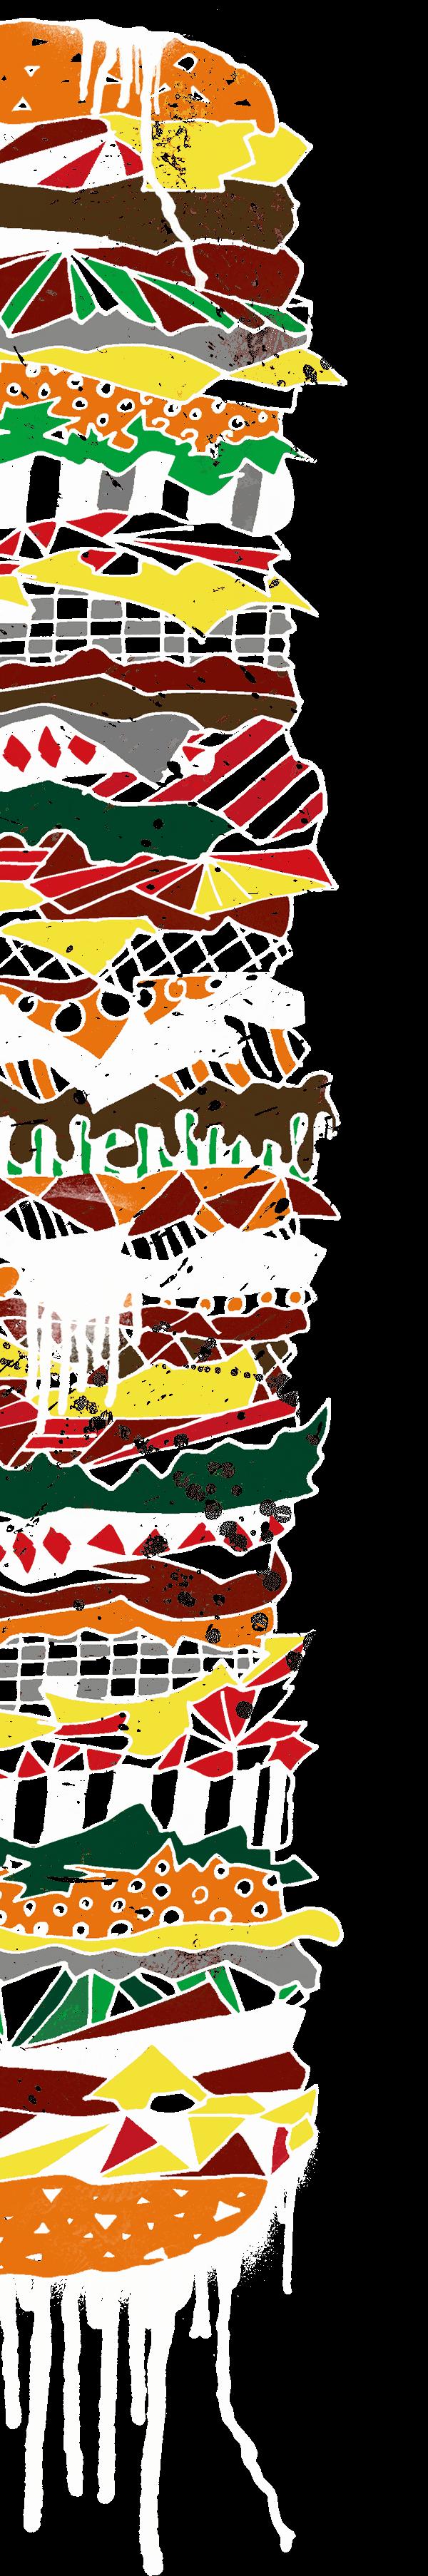 gigaburger